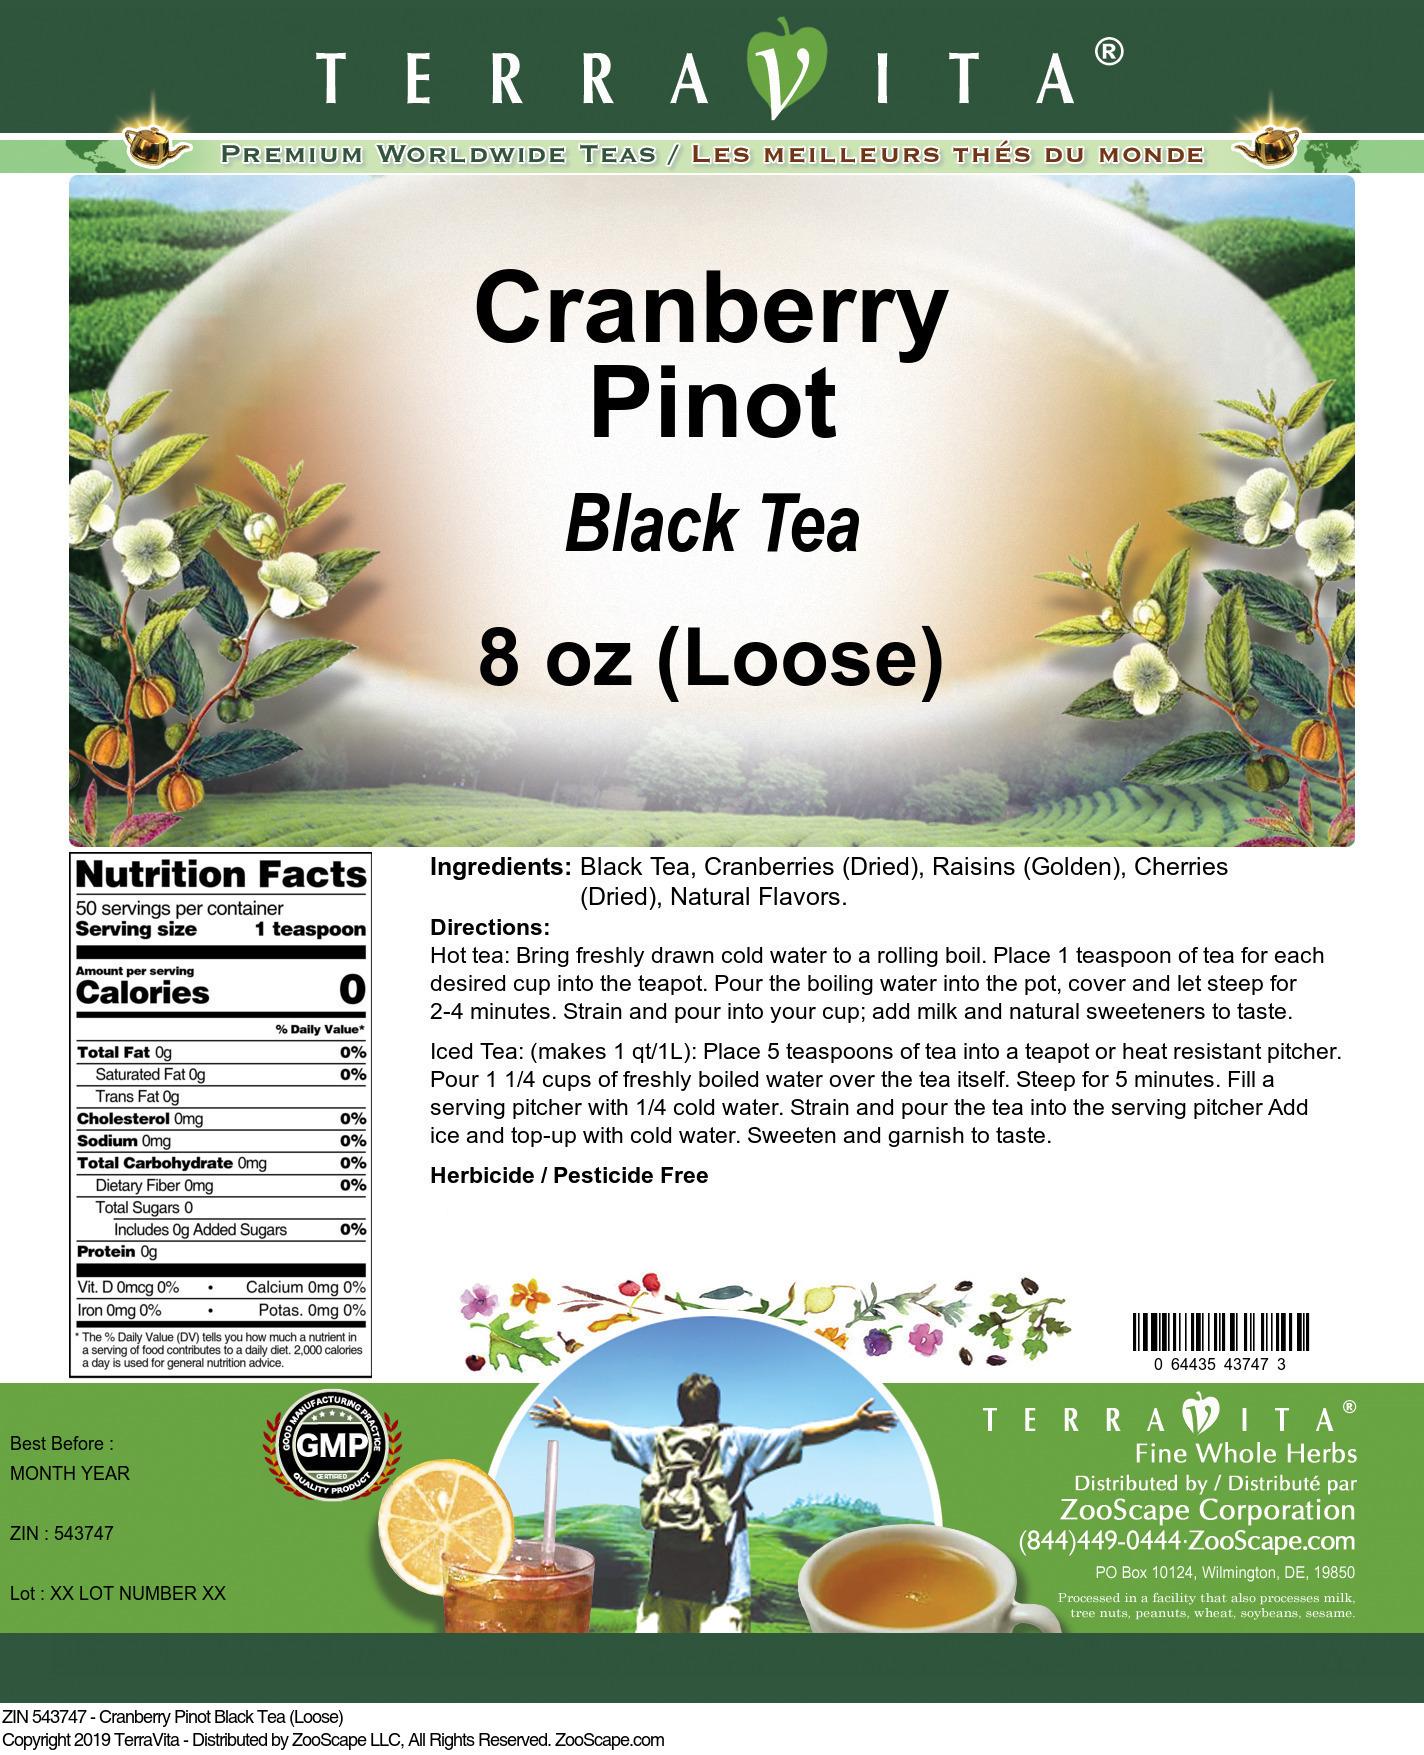 Cranberry Pinot Black Tea (Loose)